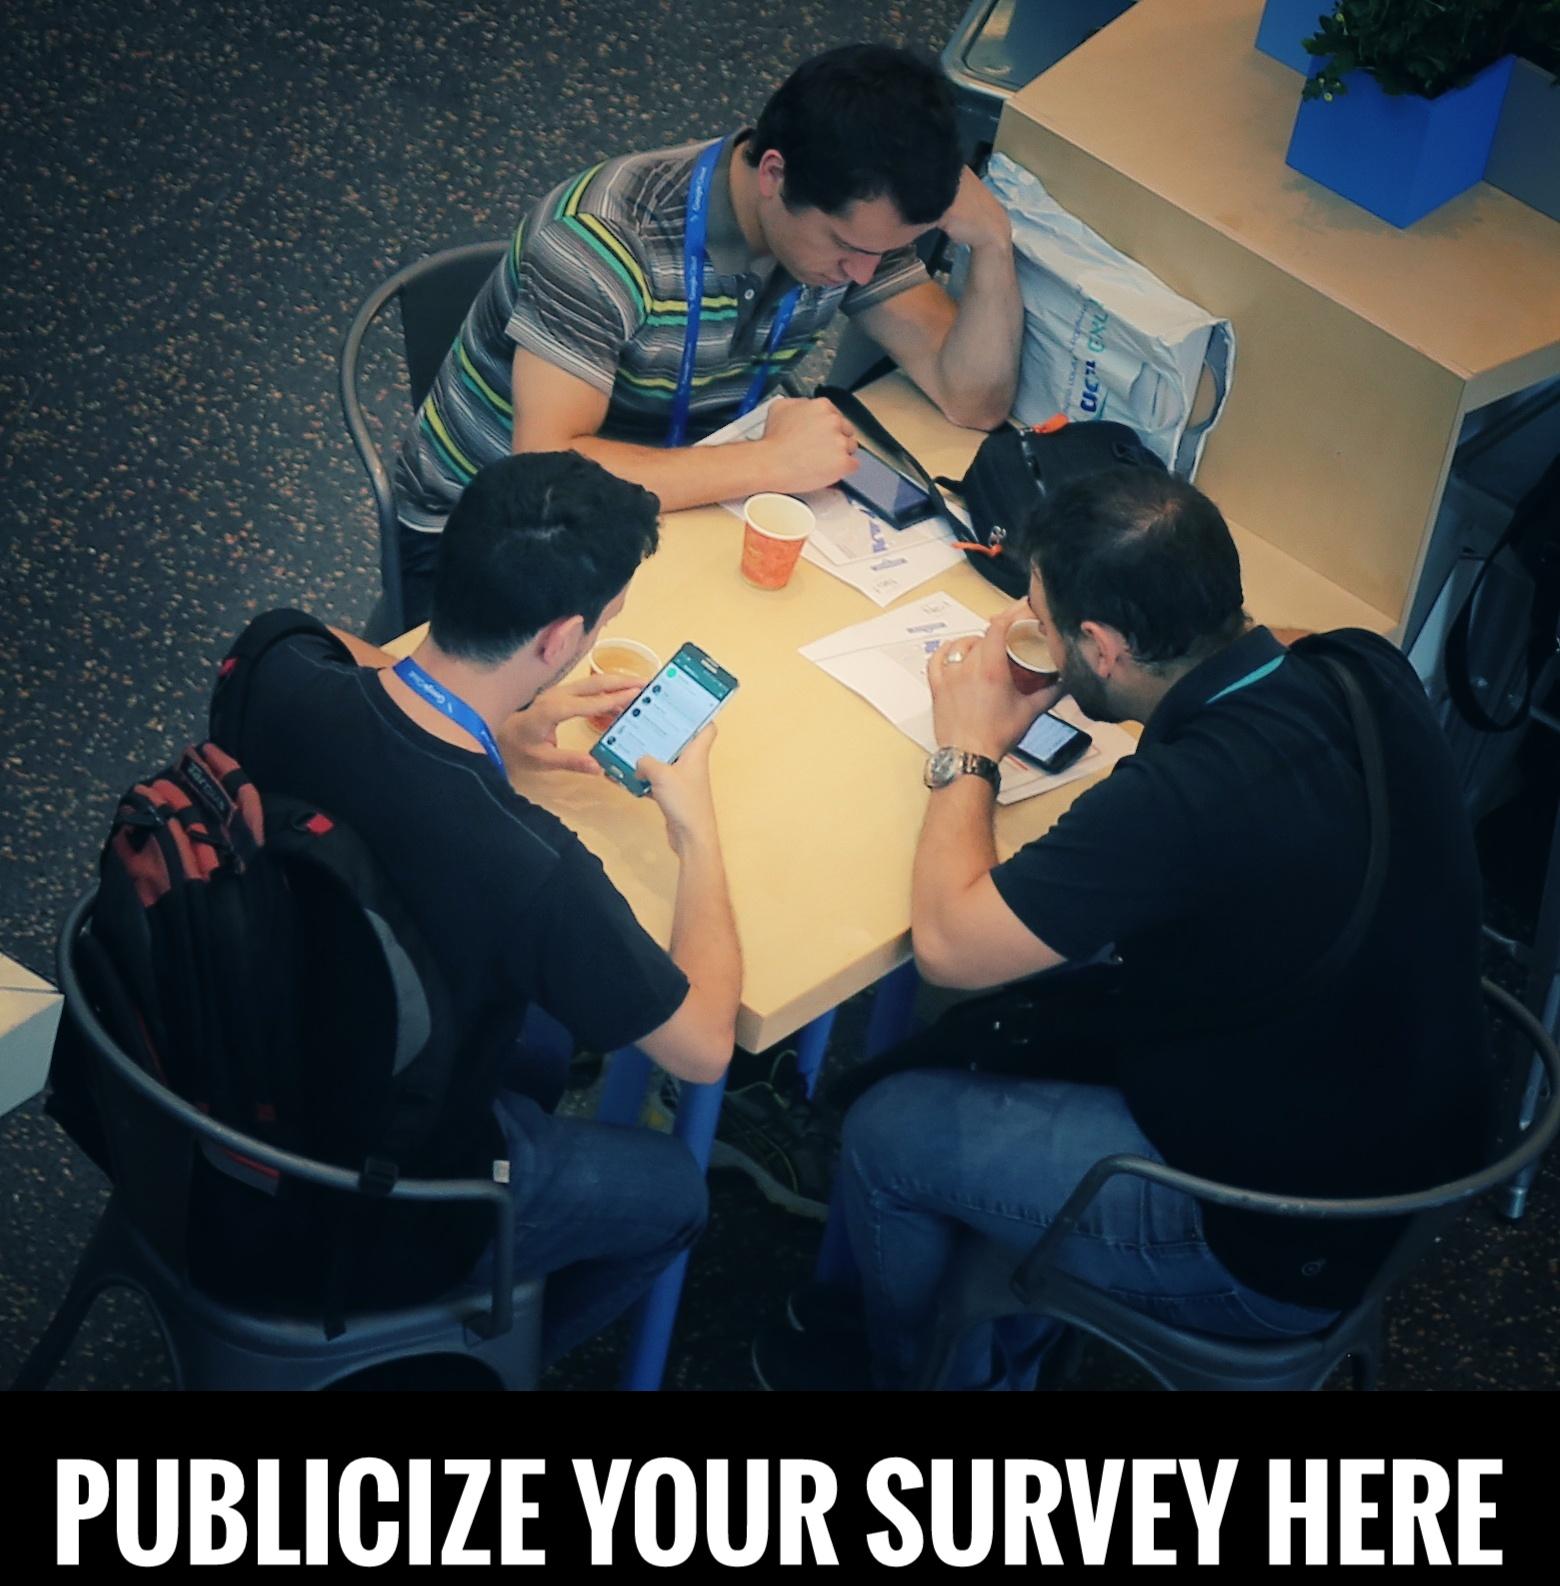 Publicize your survey here